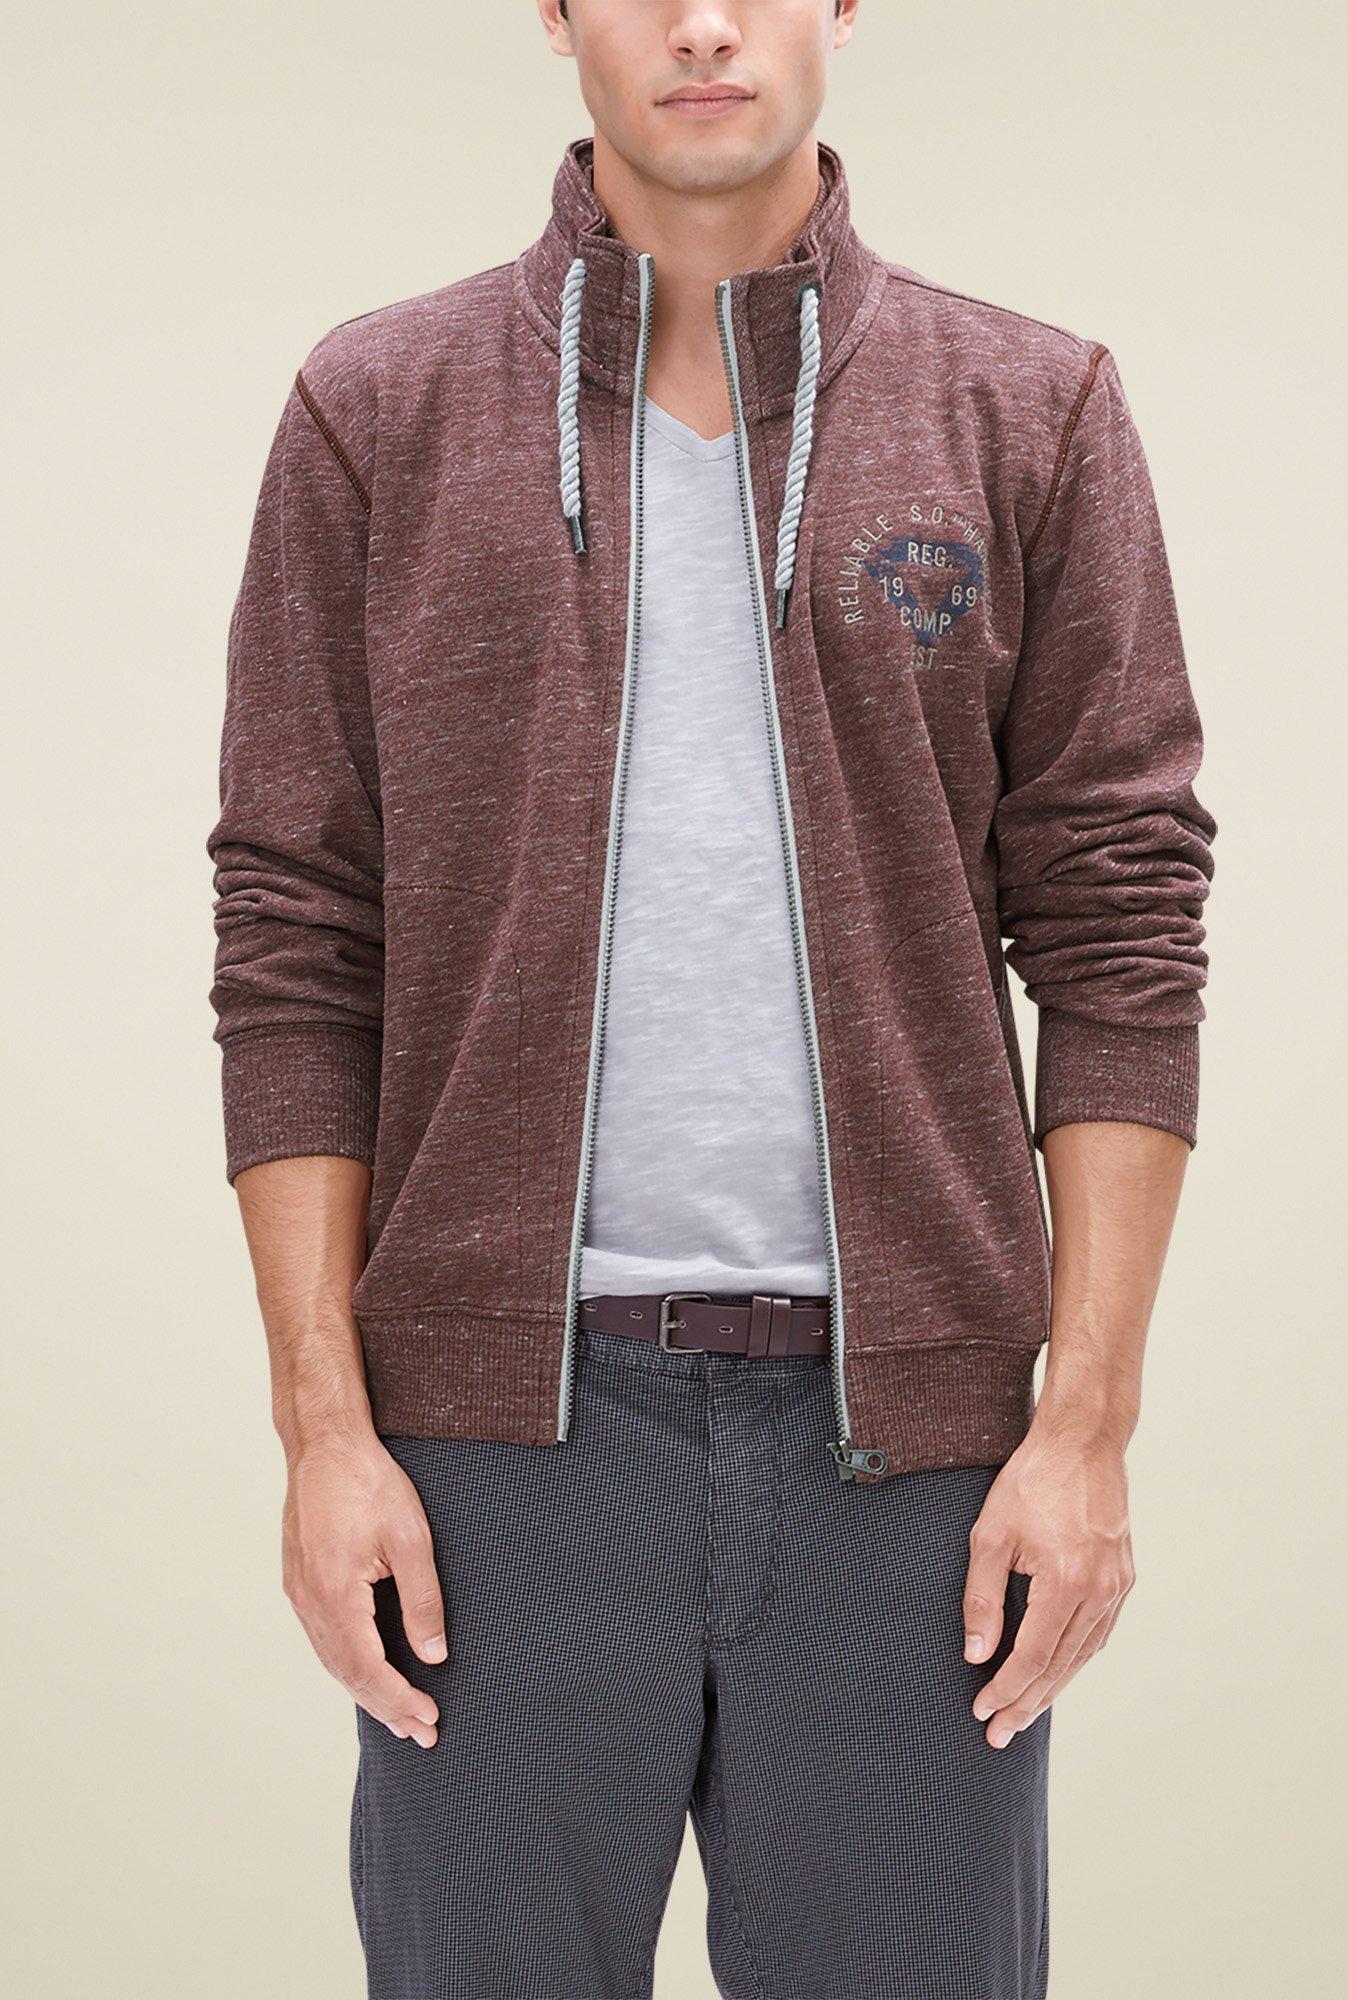 buy s oliver brown high neck sweatshirt for men online tata cliq. Black Bedroom Furniture Sets. Home Design Ideas